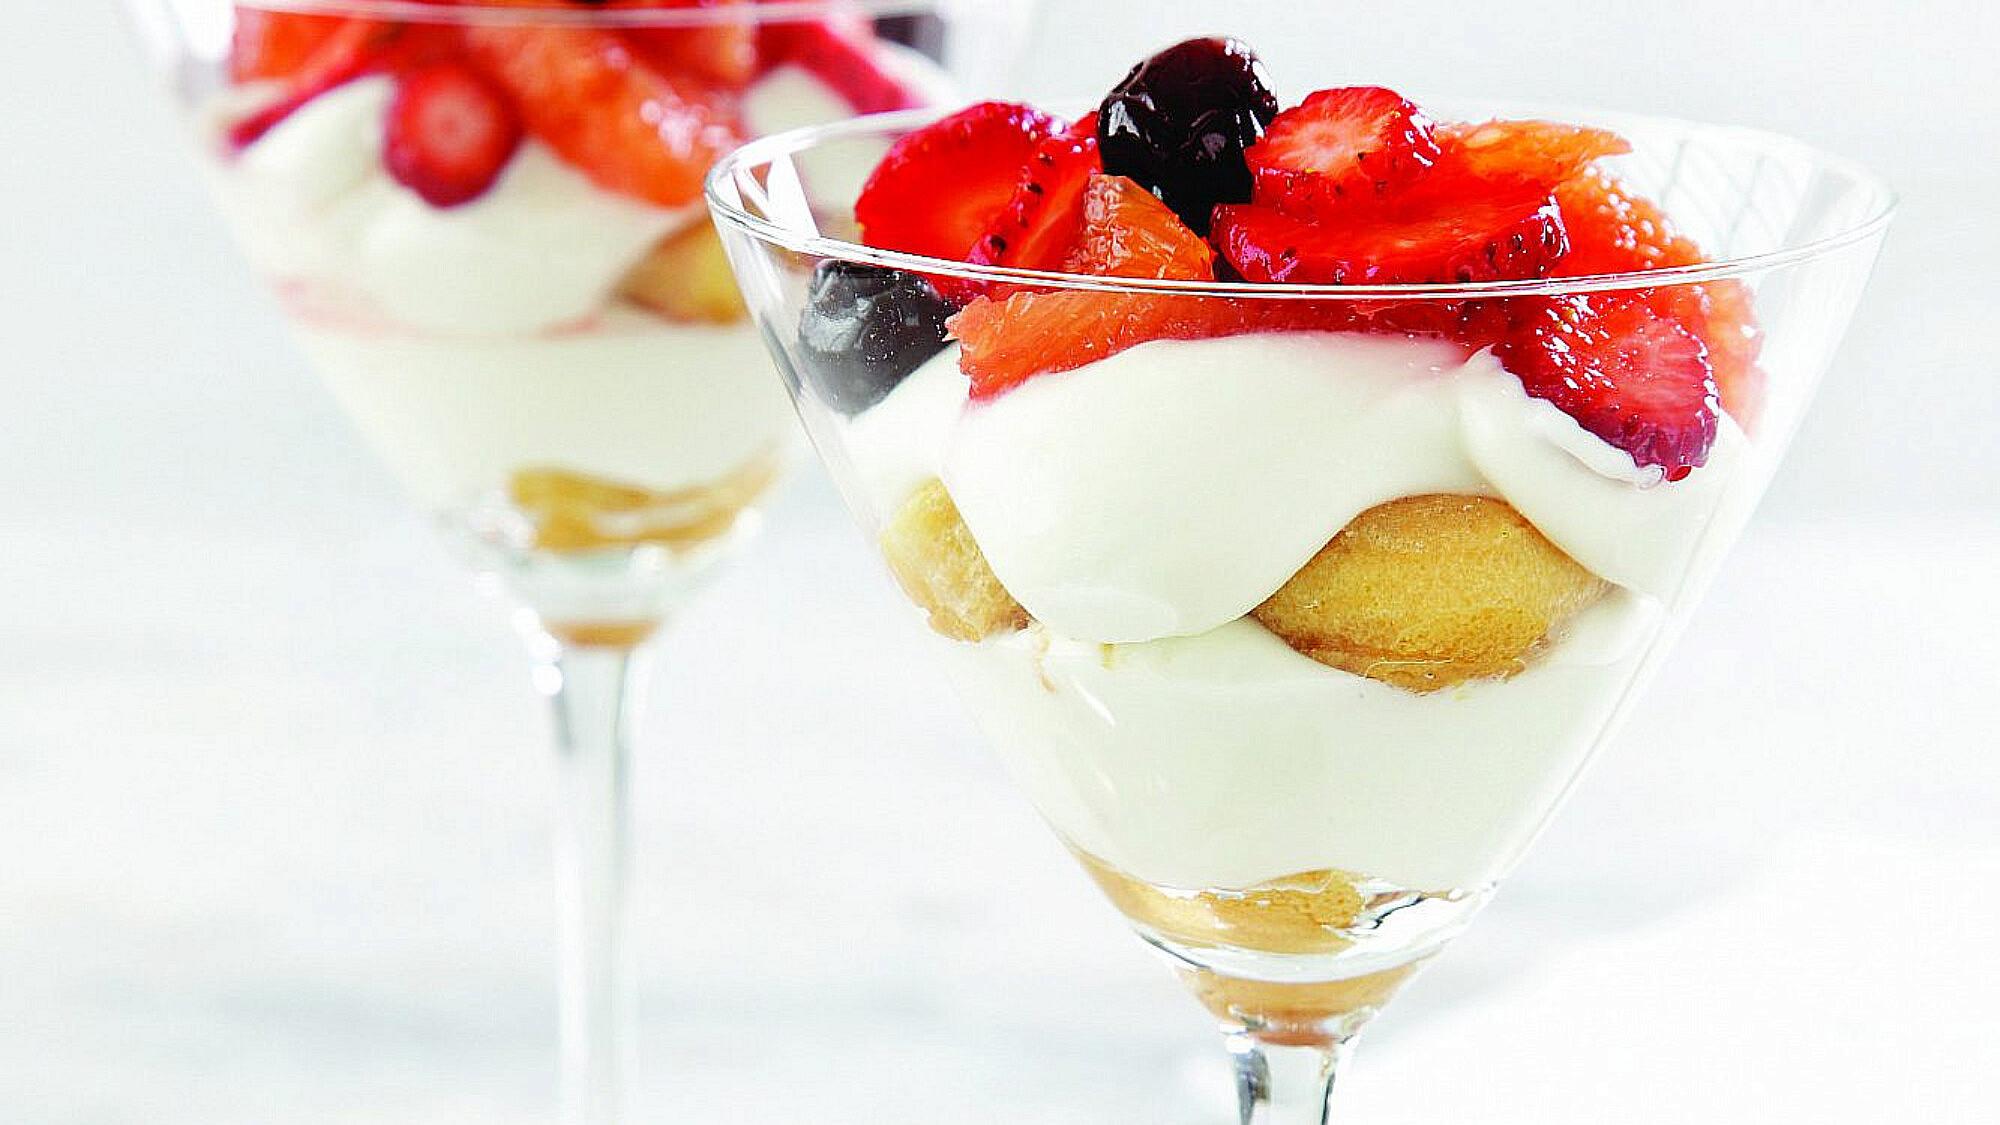 טרייפל גבינה, פירות טריים ודובדבני אמרנה של אורלי פלאי-ברונשטיין | צילום: דניה ויינר | סגנון: אוריה גבע